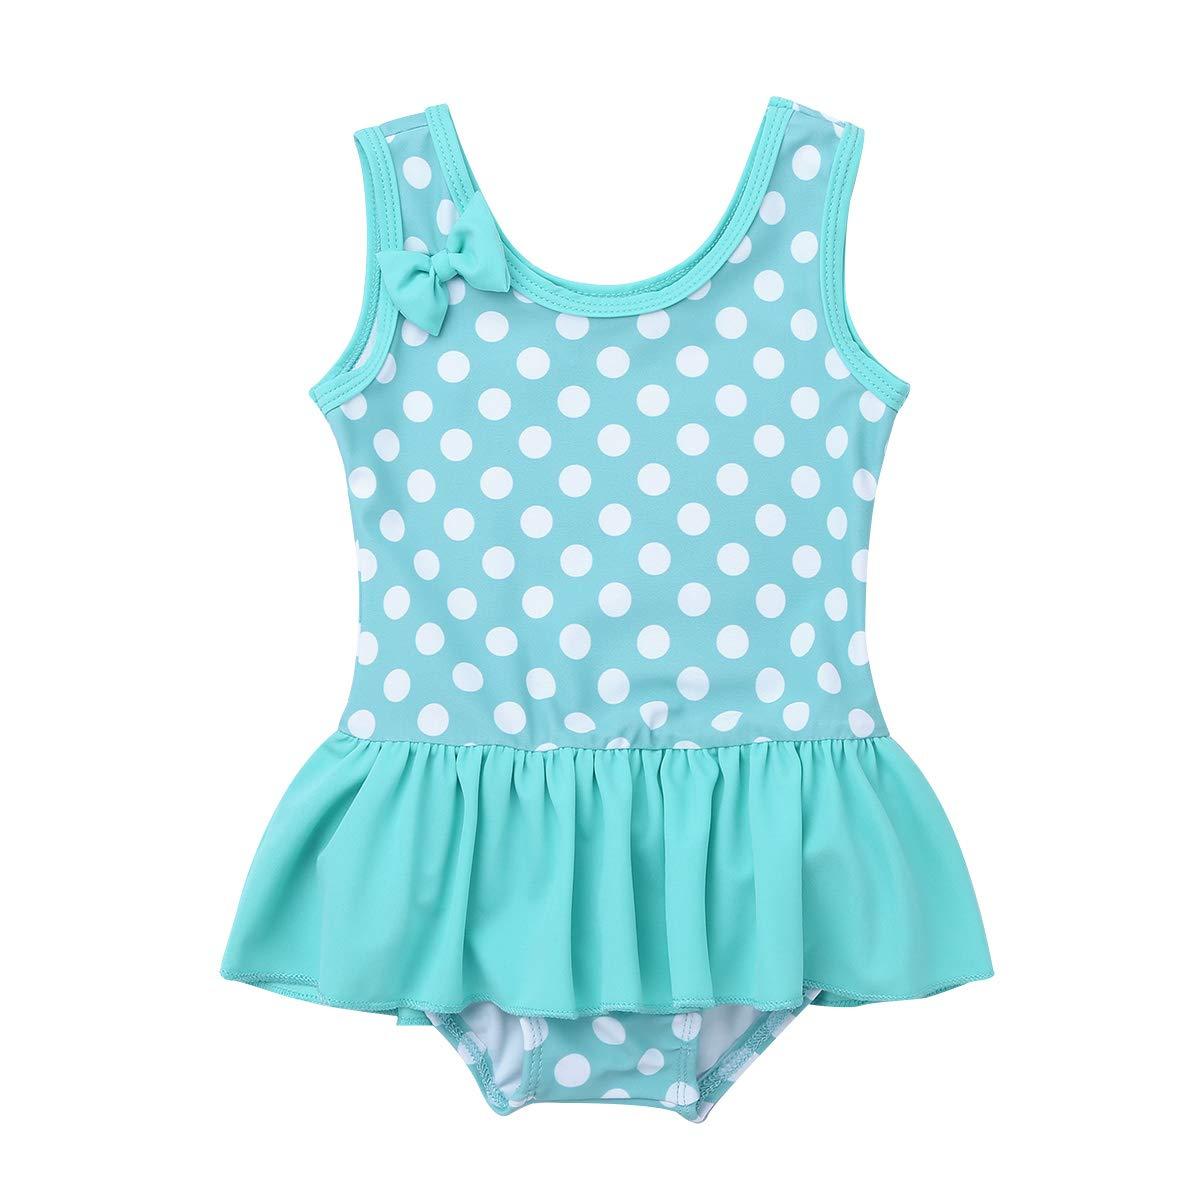 inlzdz Baby M/ädchen Einteiler Badeanzug Polka Dots Bikini Bademode Sommer Schwimmanzug Swimsuit Strandmode f/ür Kleinkinder Gr.50-98